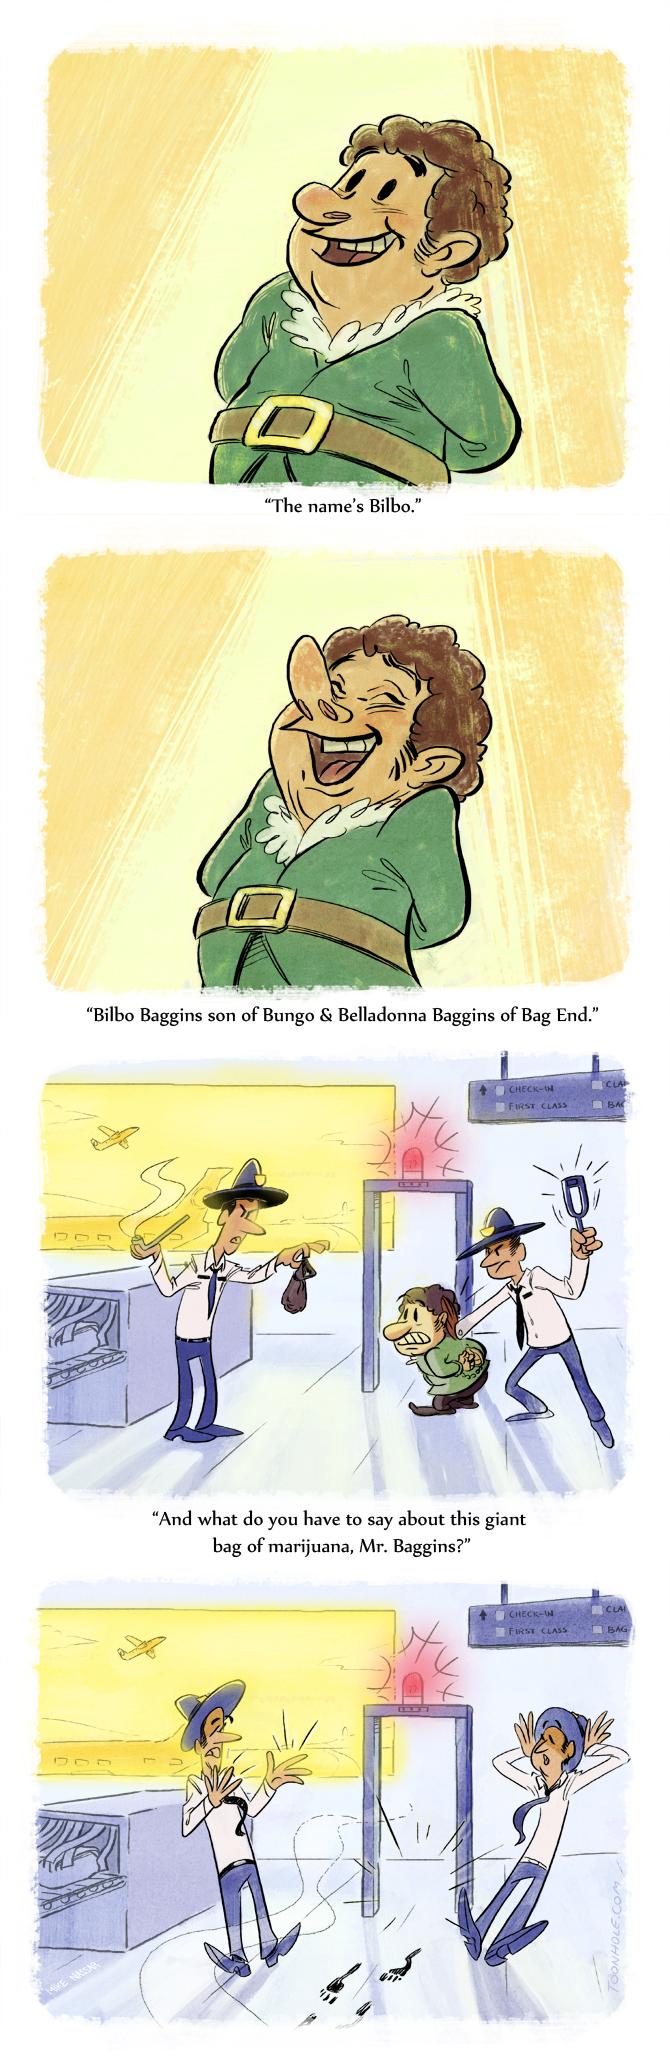 Bilbo Baggins Airport